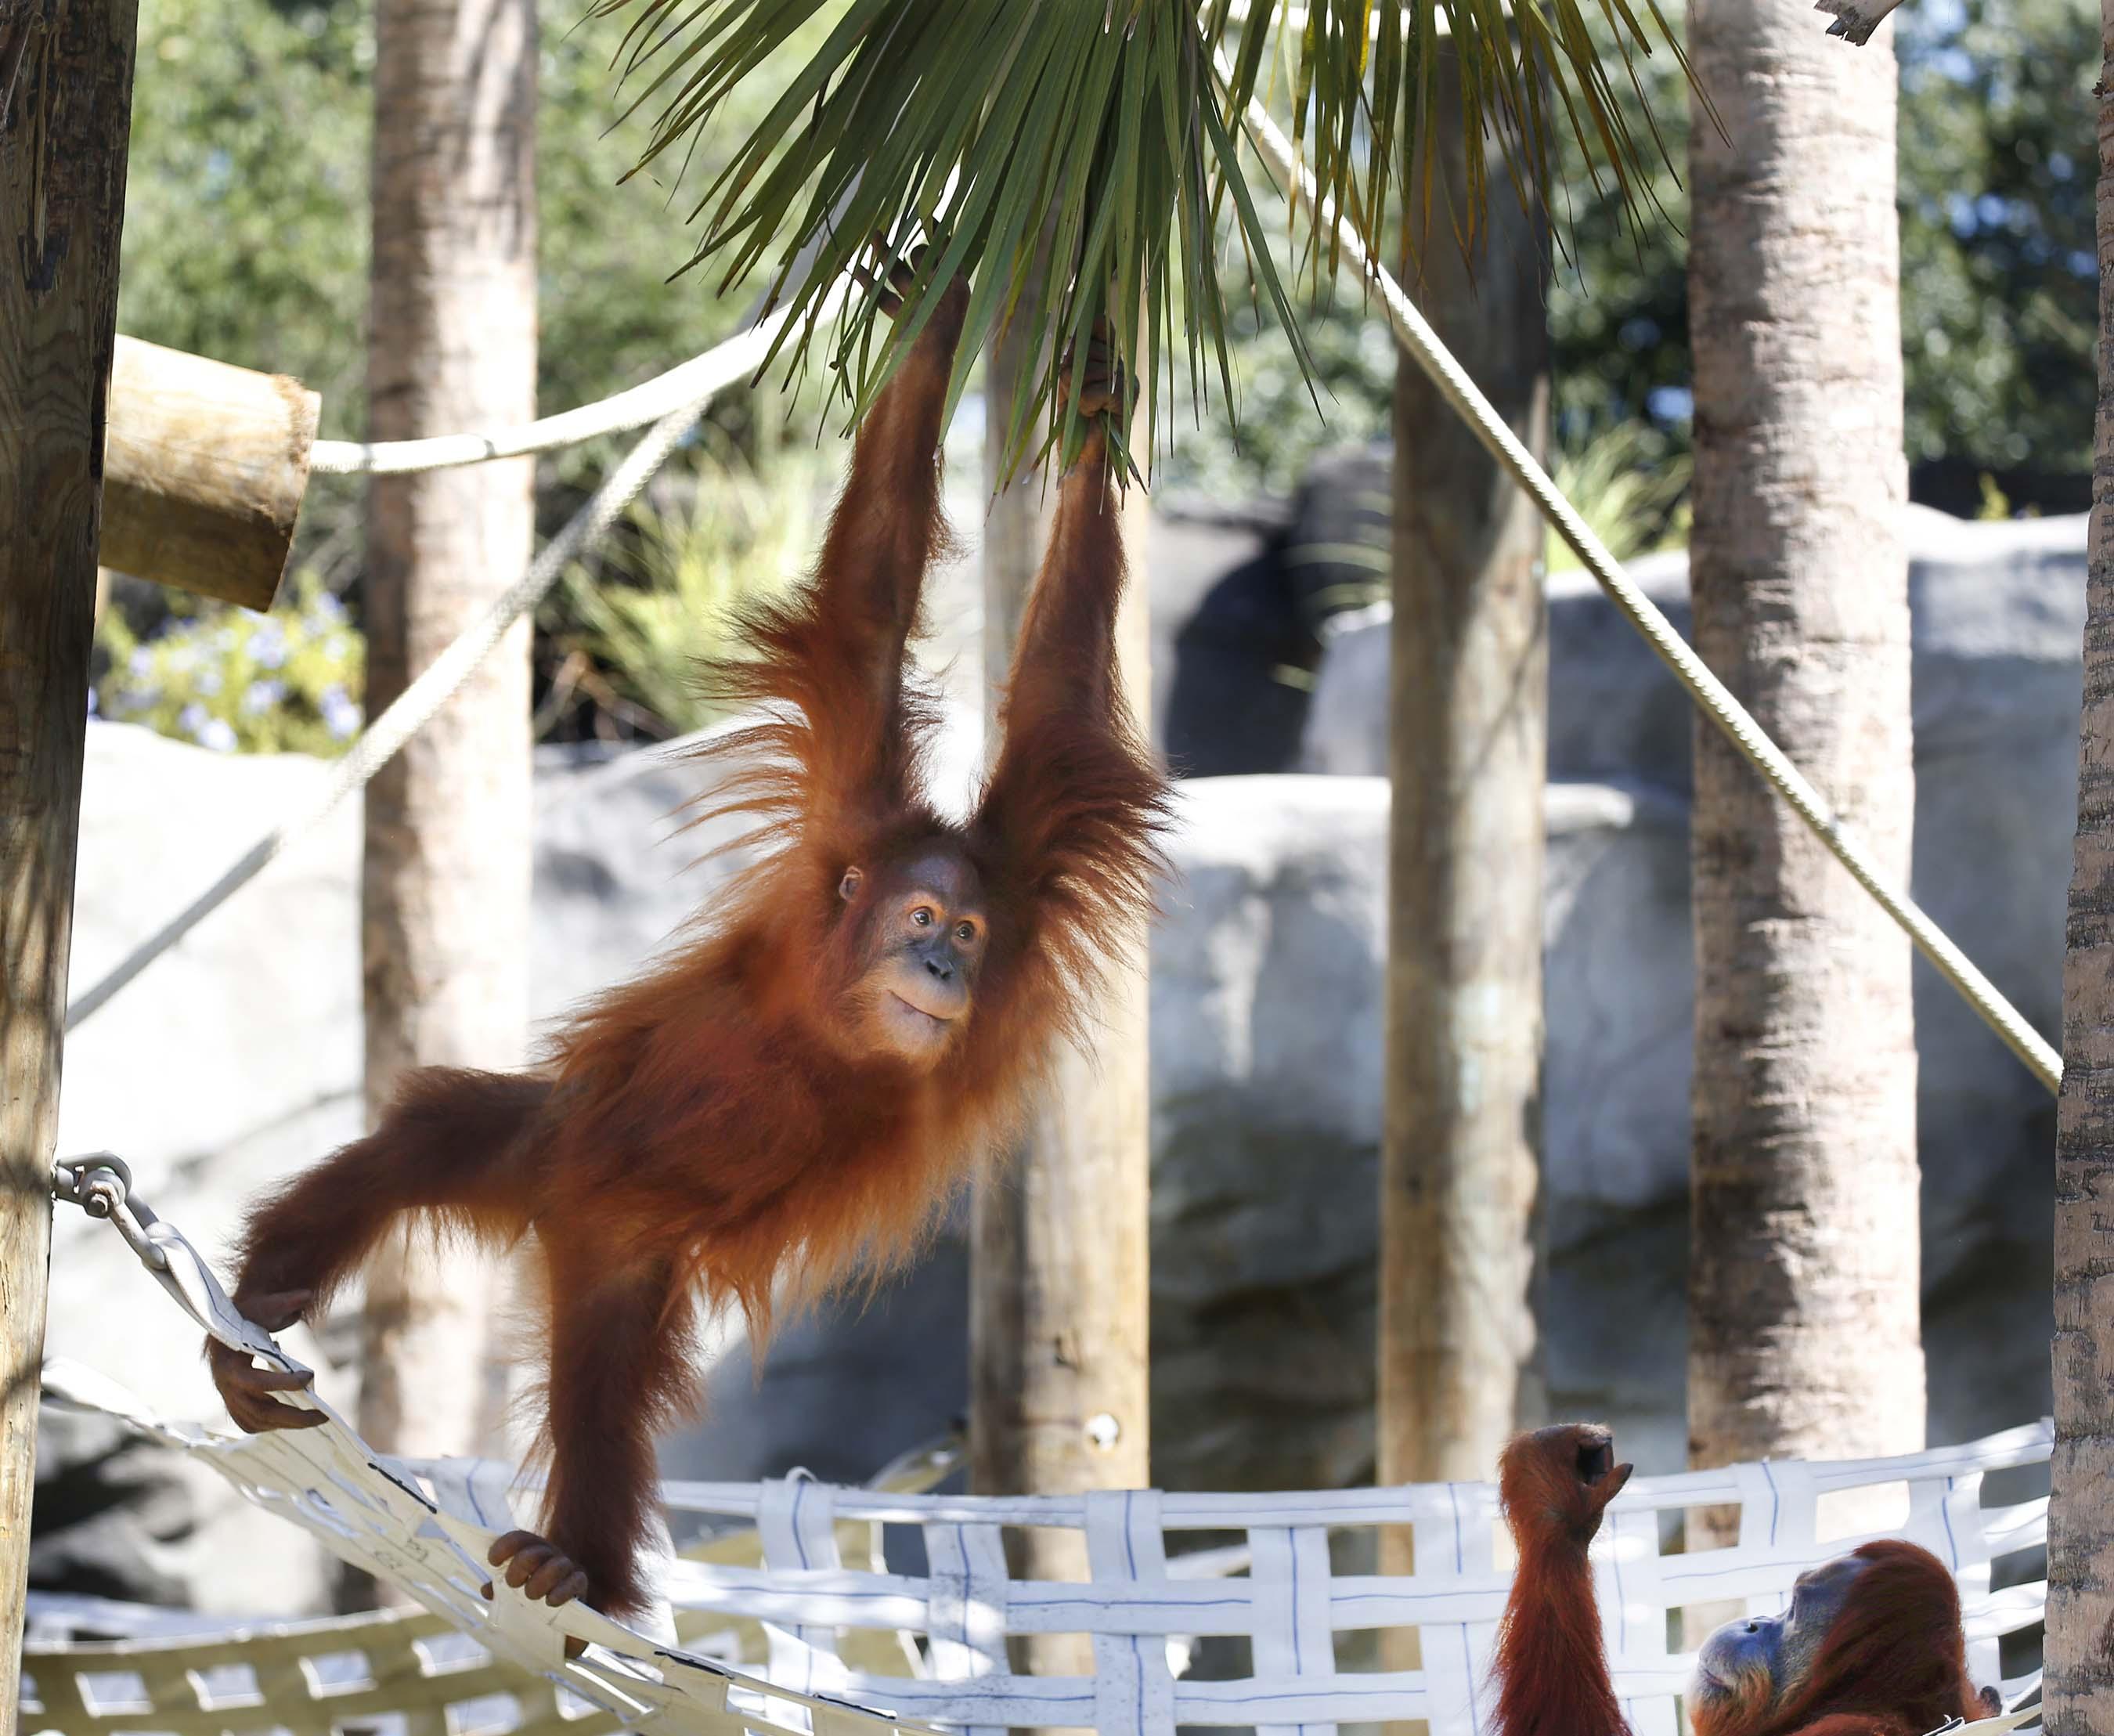 Audubon Zoo Orangutan